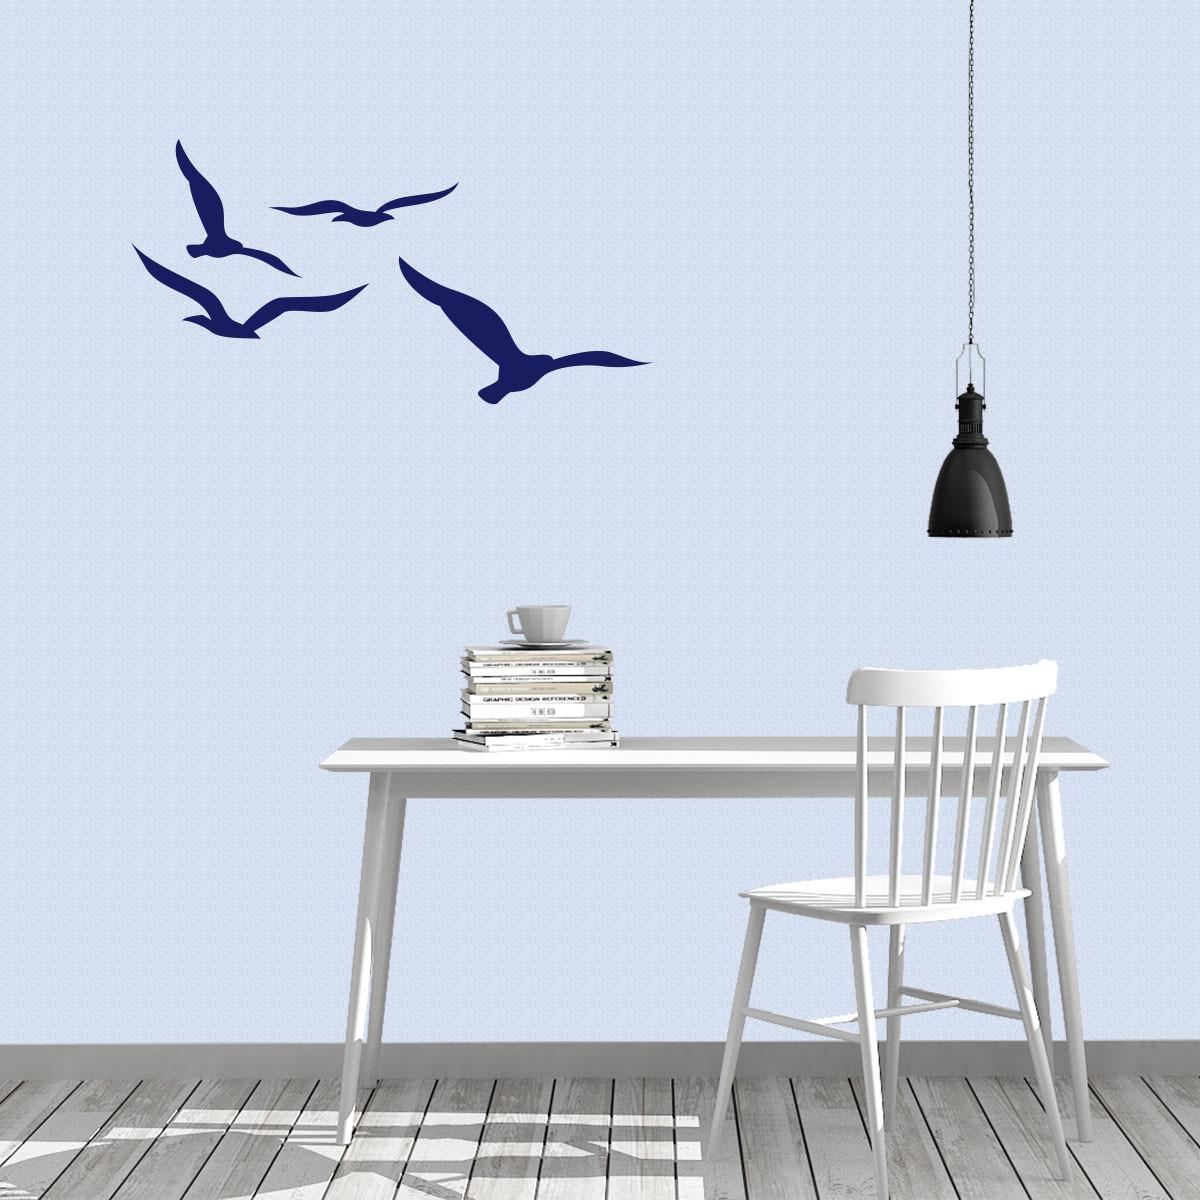 Wandtattoo maritim vogel m wen wandaufkleber wanddekoration wandmotiv sunnywall online shop - Wandtattoo maritim ...